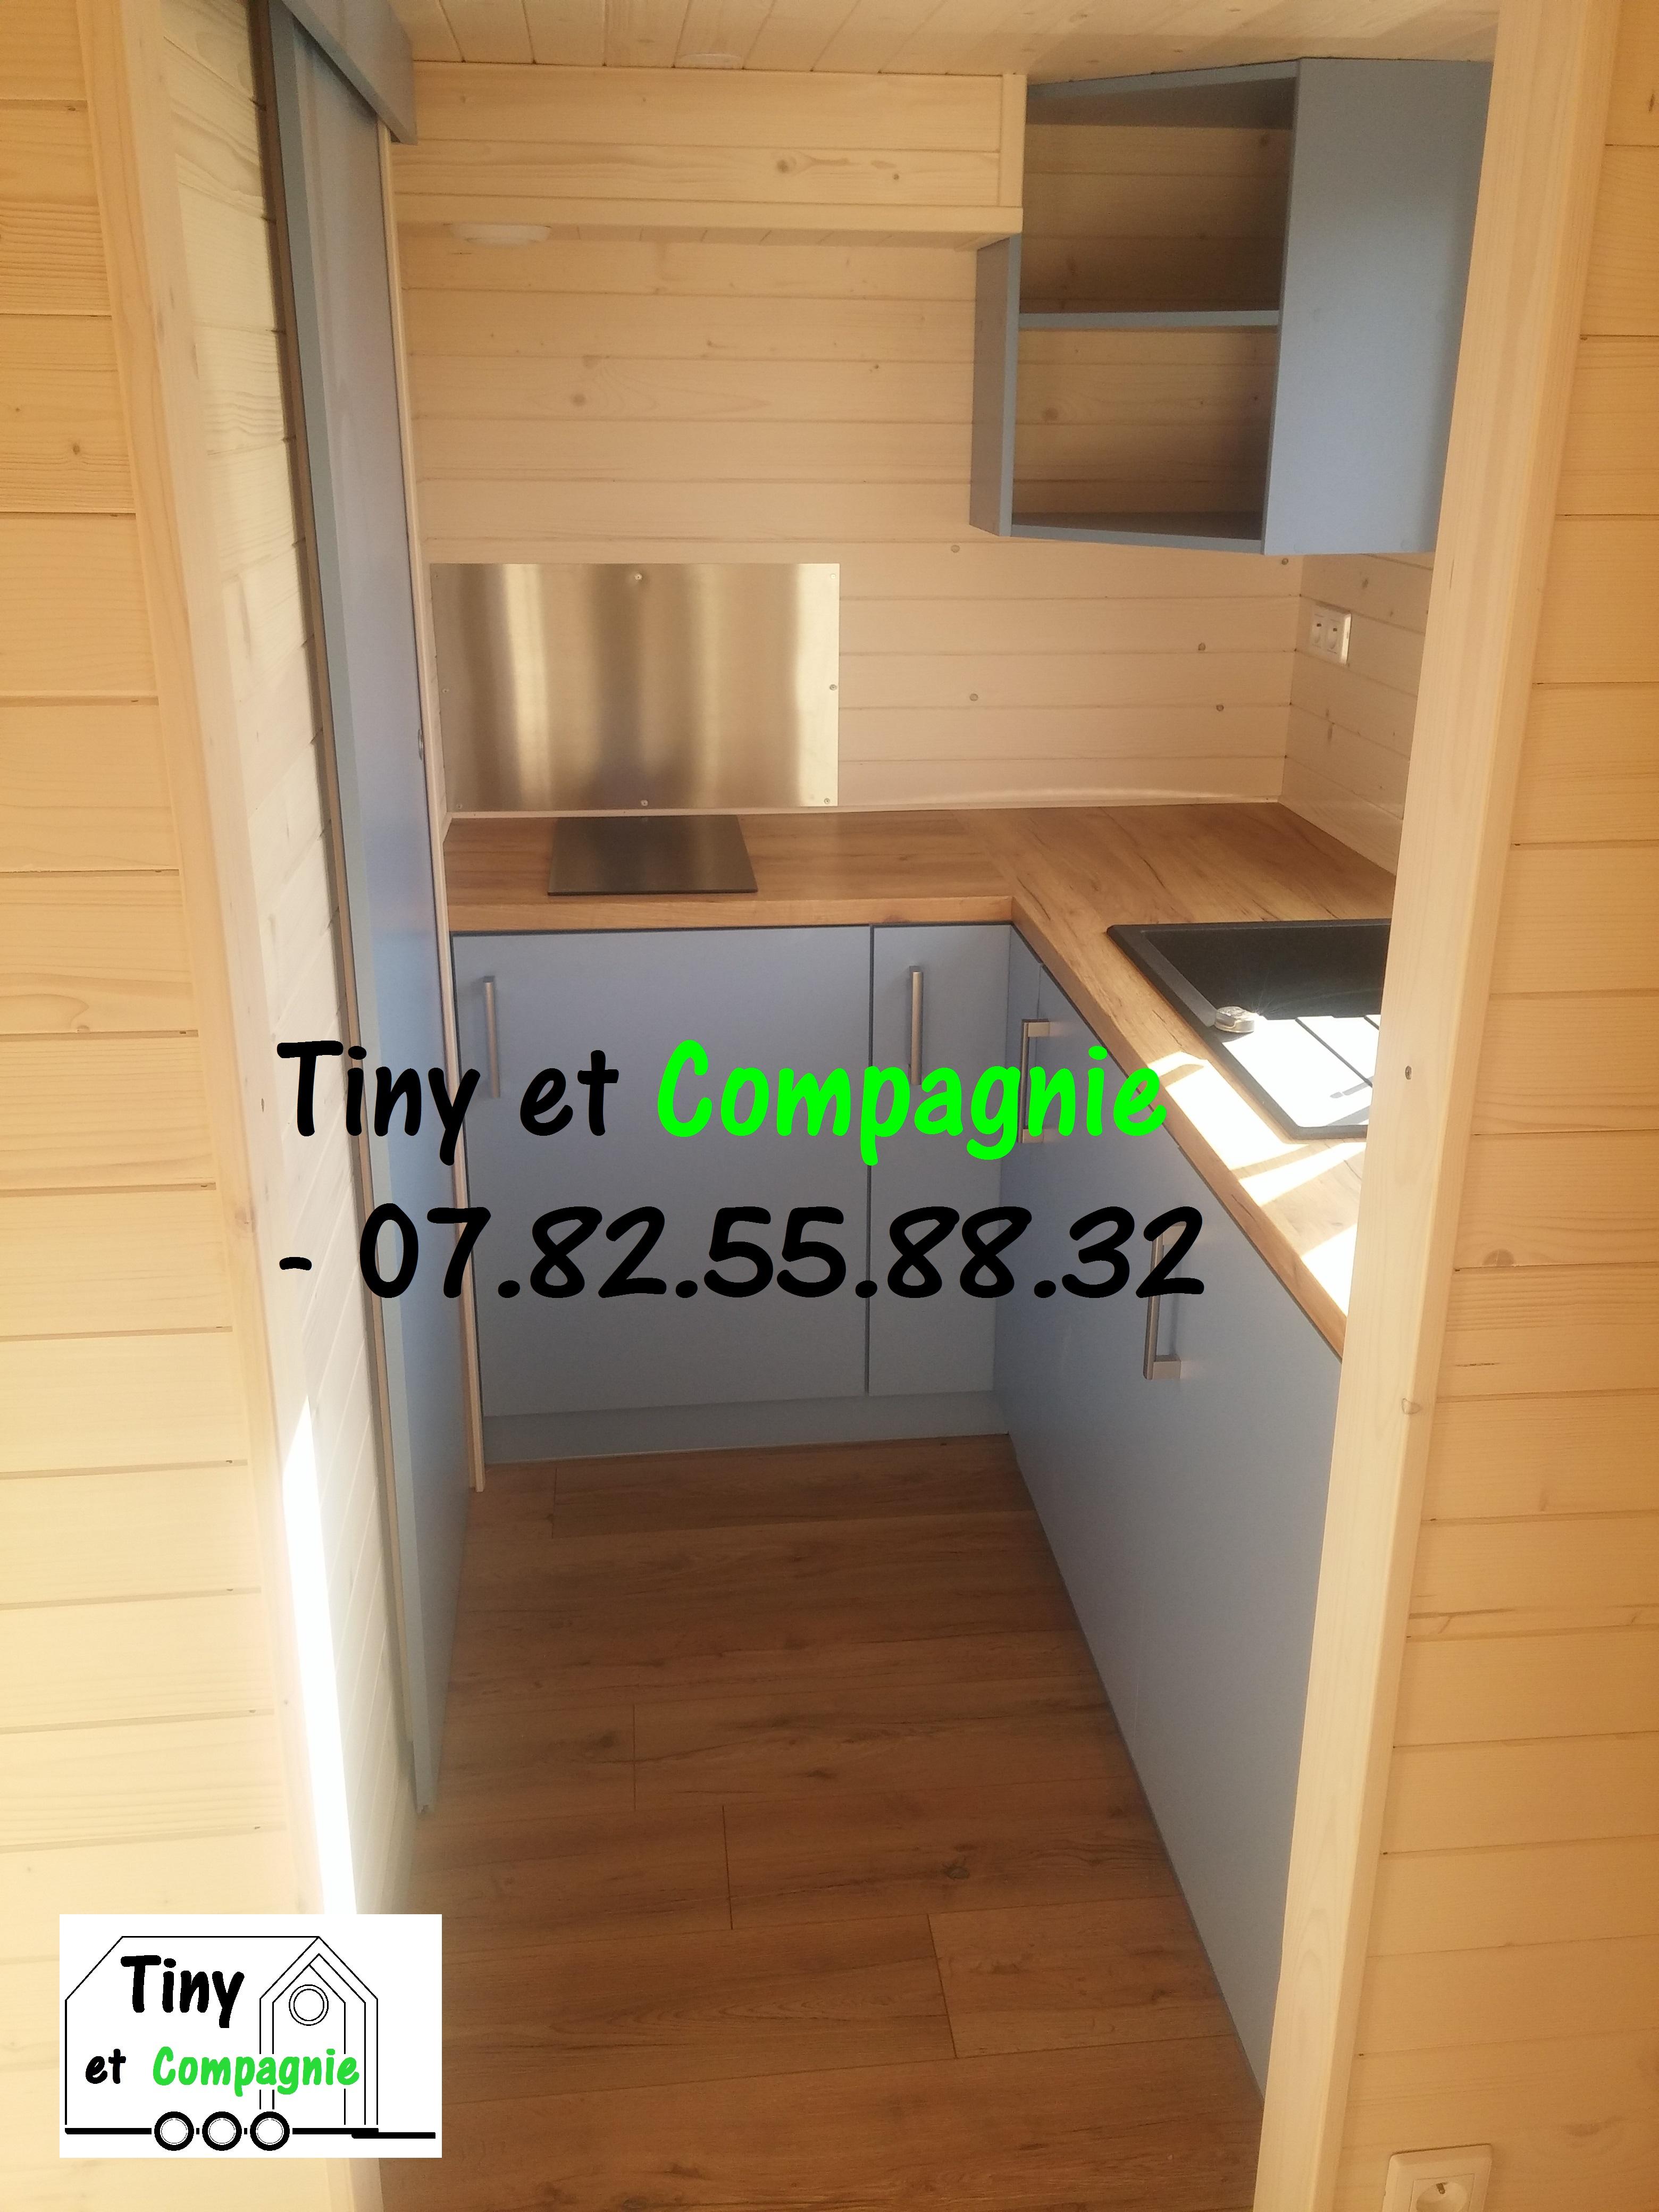 Tiny et Compagnie - Colibri 2019 (Cuisin